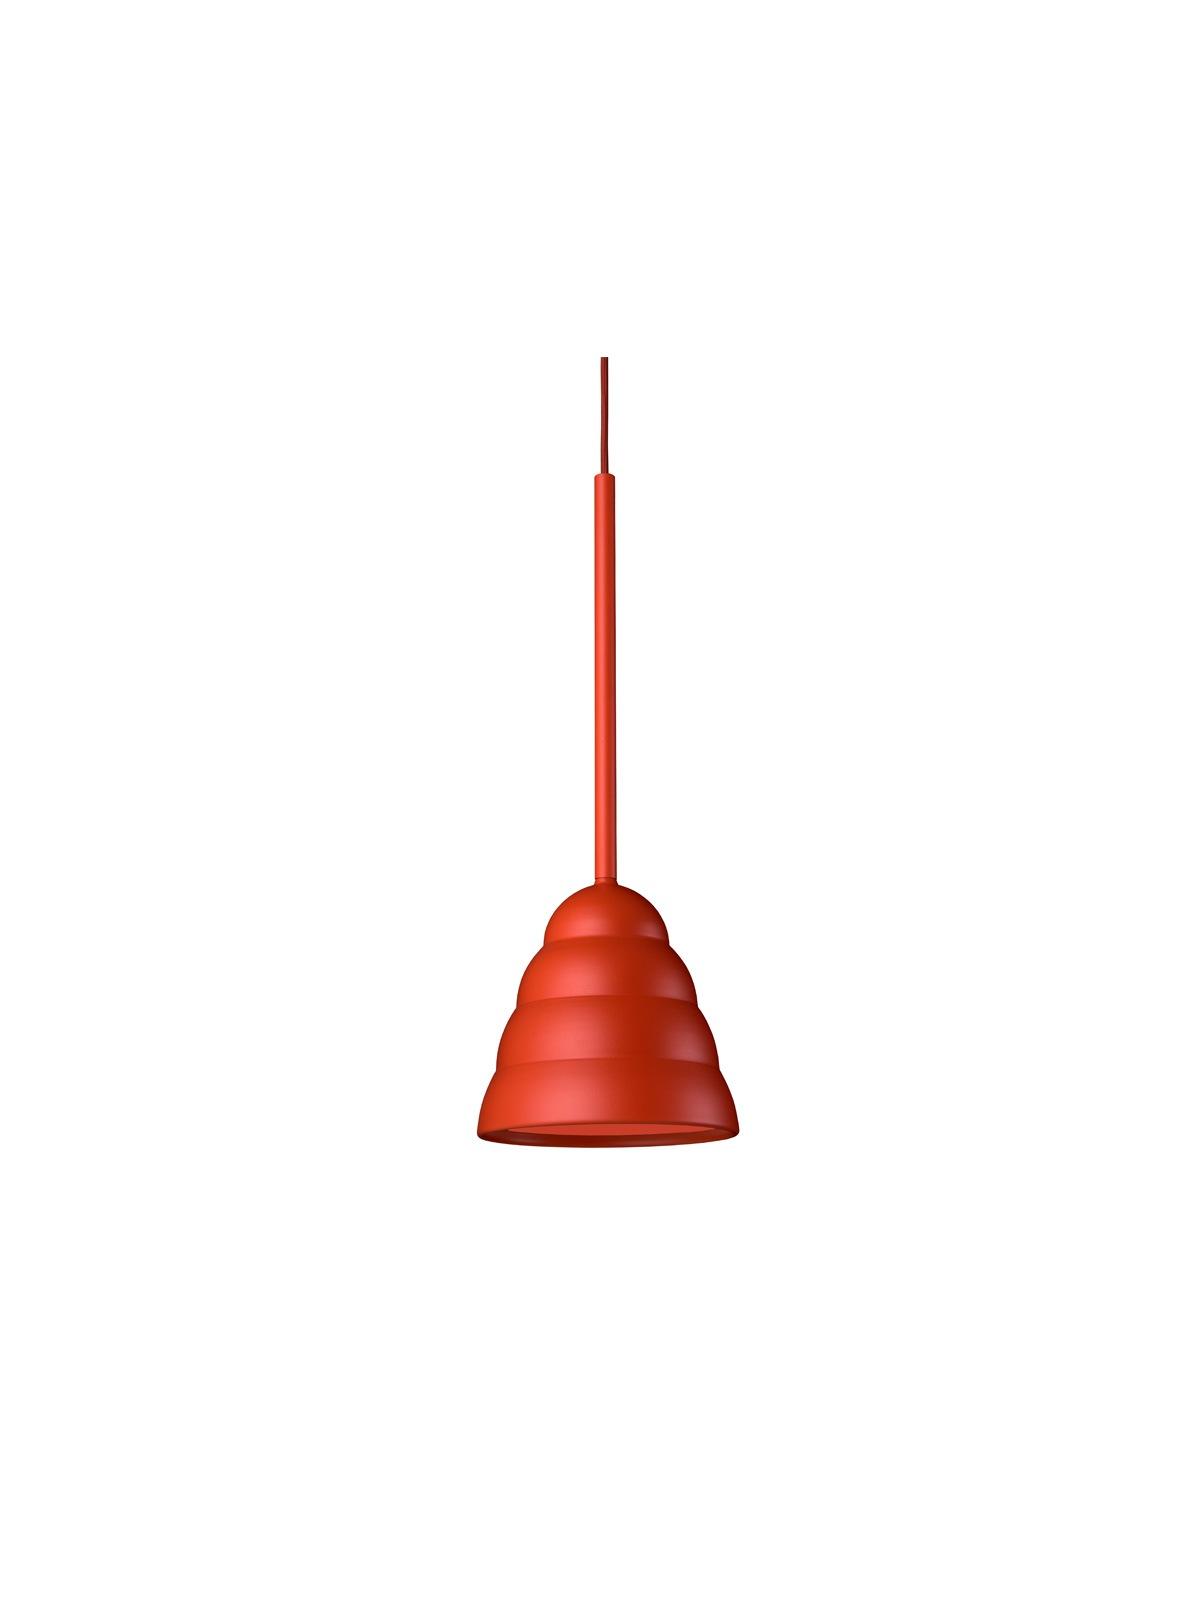 Schneid Figura LED Leuchten DesignOrt Onlineshop Lampen Berlin